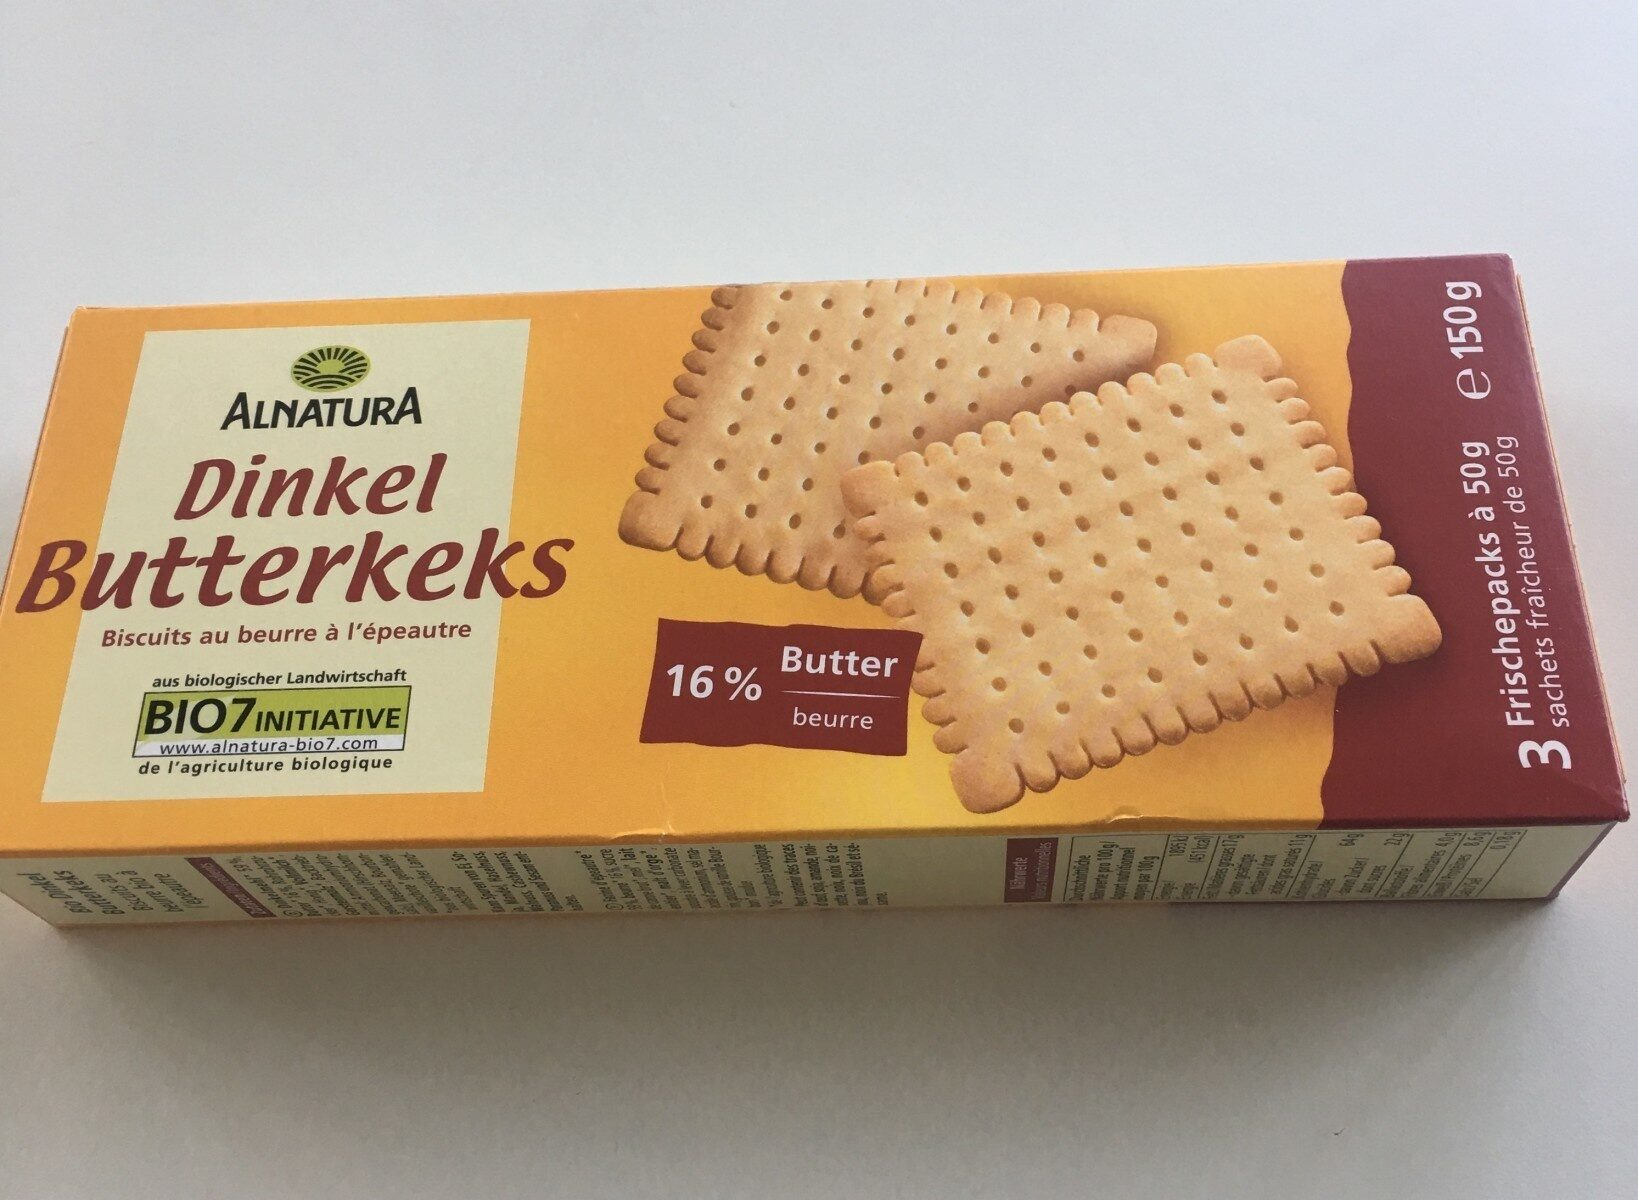 Dinkel Butterkeks - Product - de